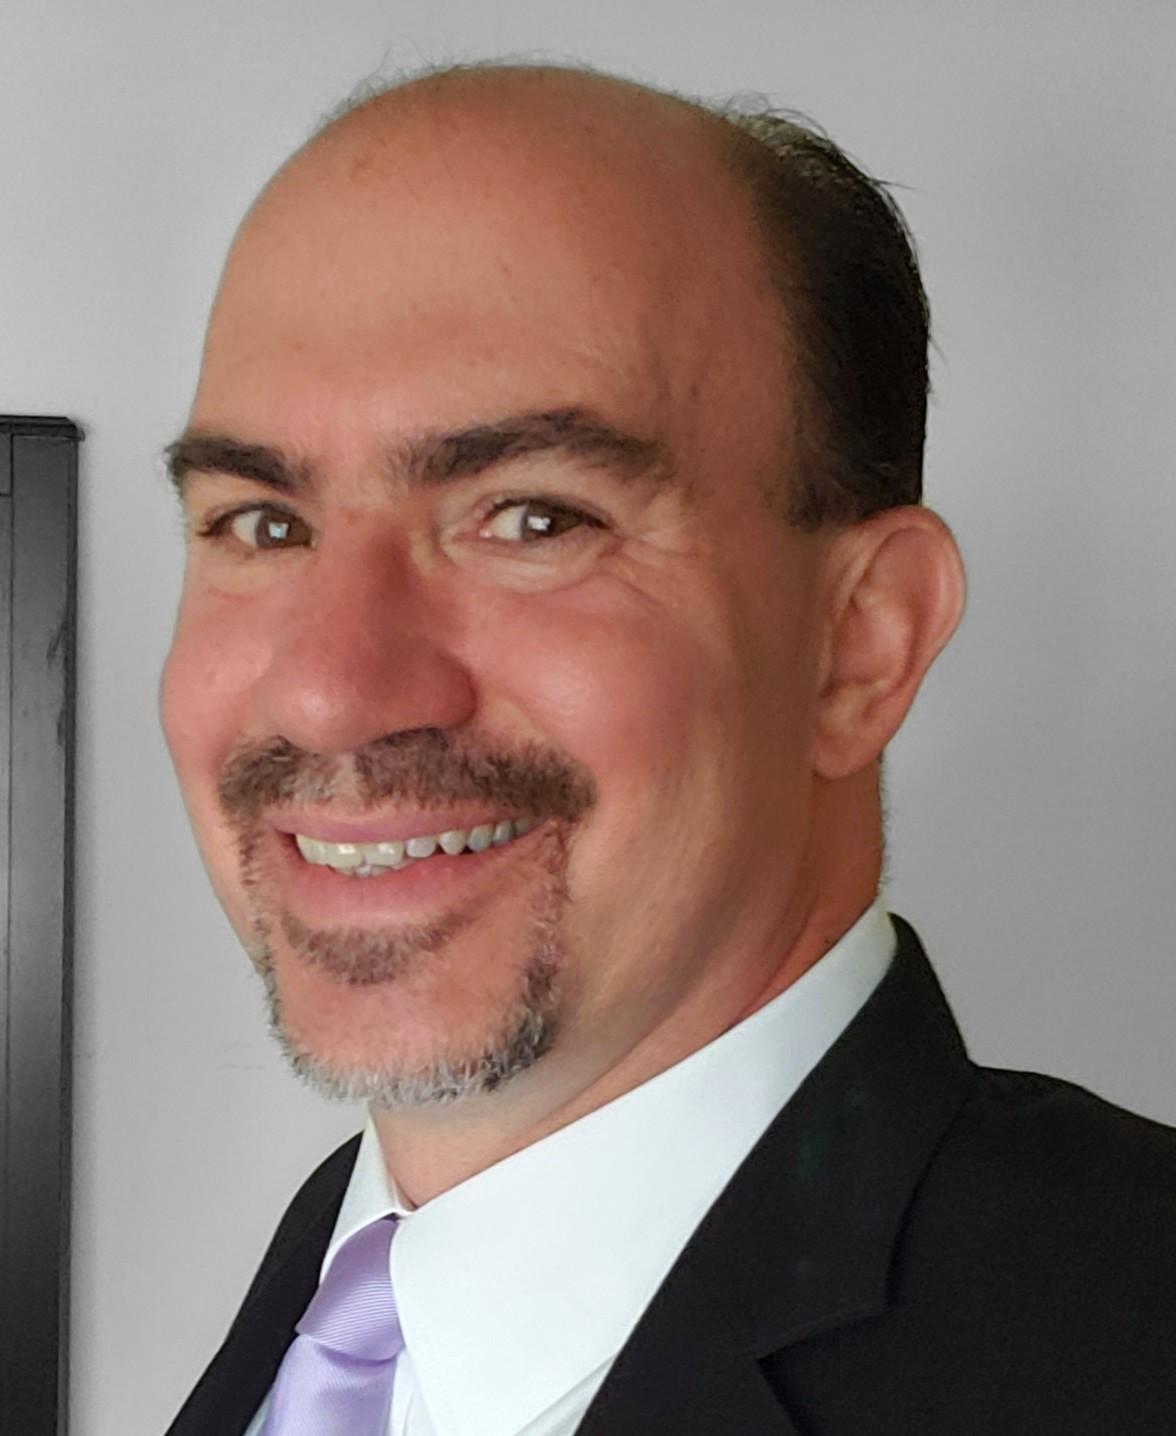 John Favilla (Panelist)